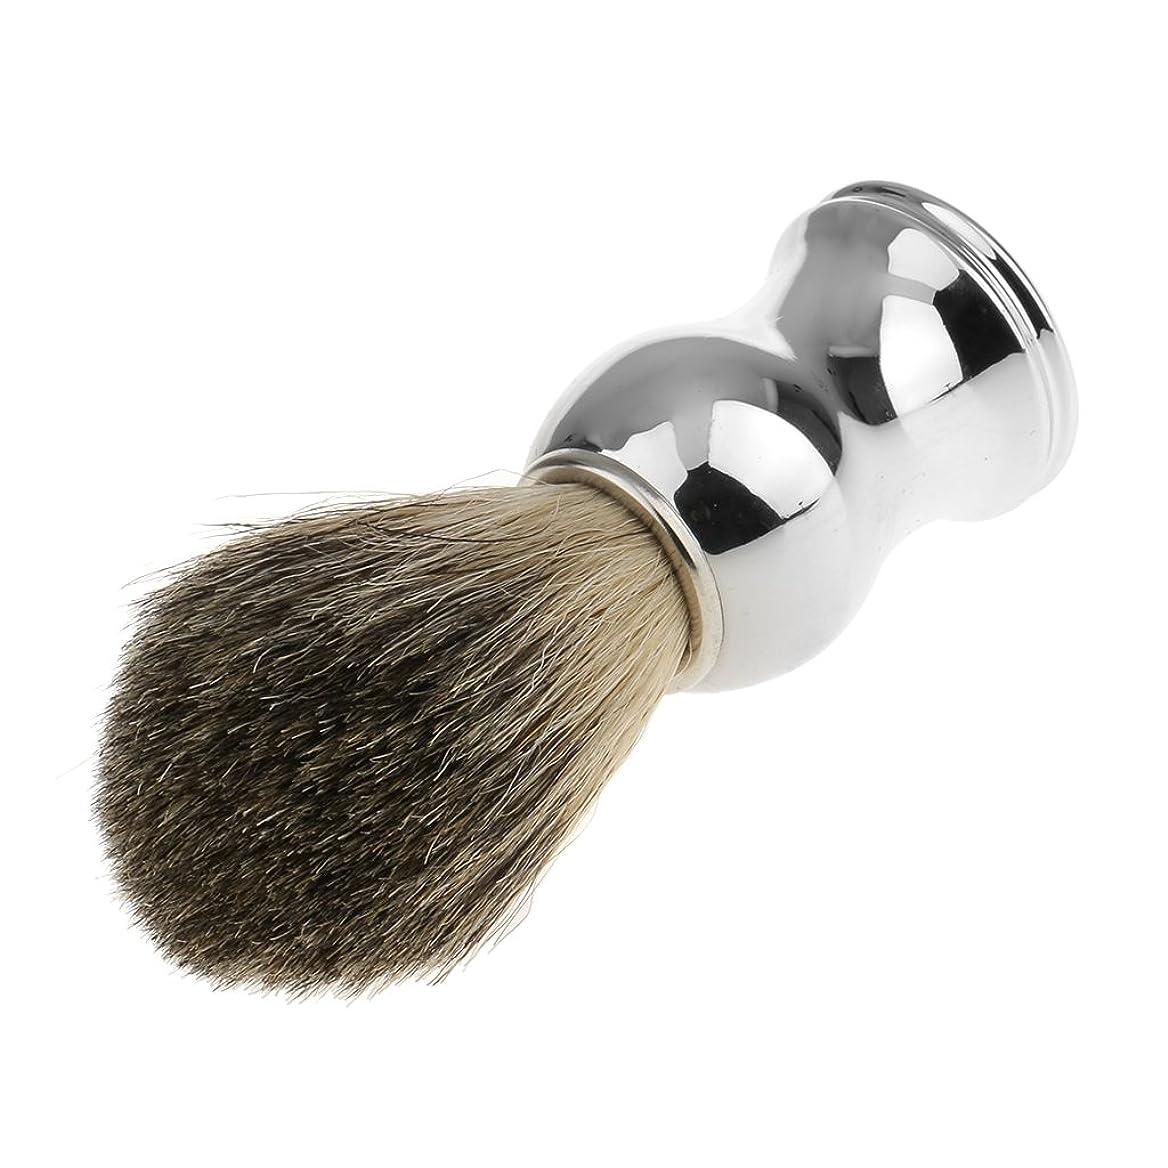 環境保護主義者財政環境保護主義者Perfk 人工毛 シェービングブラシ 柔らかい 理容  洗顔  髭剃り 便携 乾くやすい 11.2cm 全2色 - シルバーハンドル